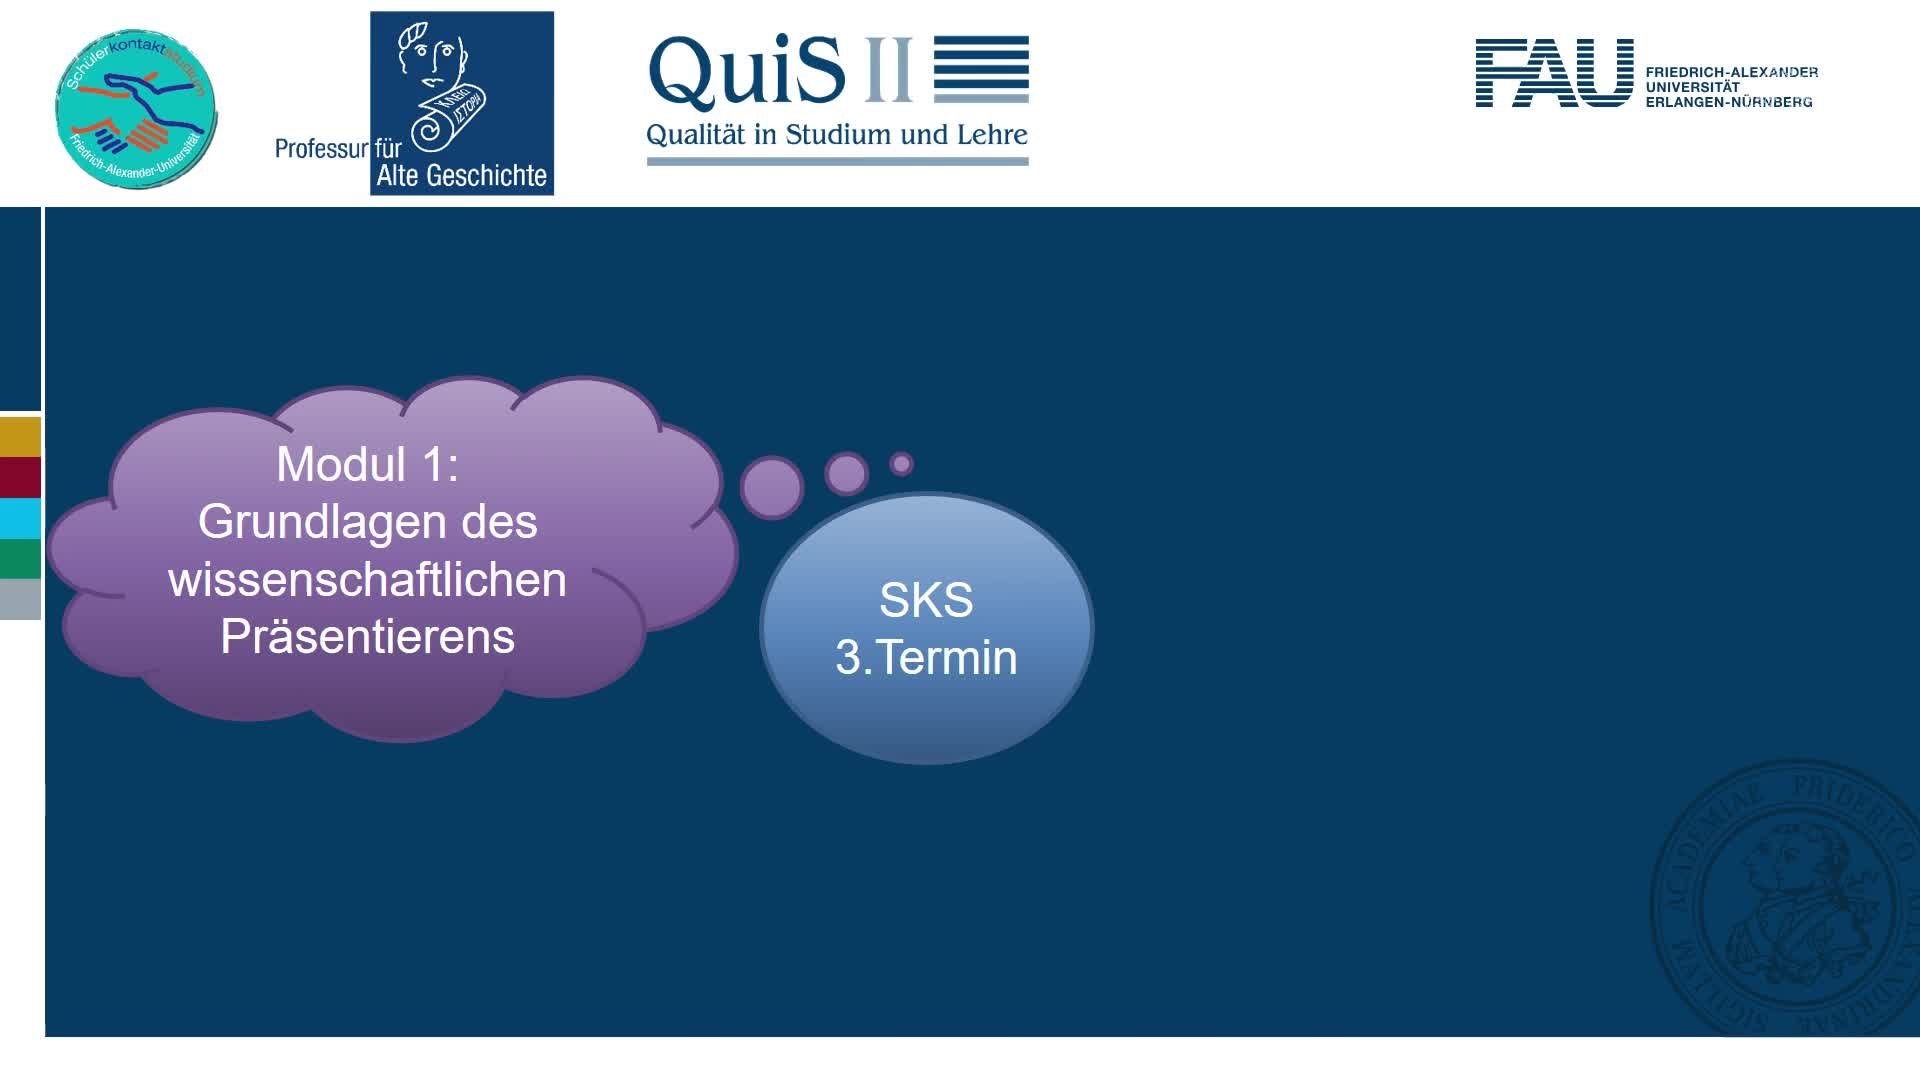 Das SKS: Informationen zum 3. Termin preview image